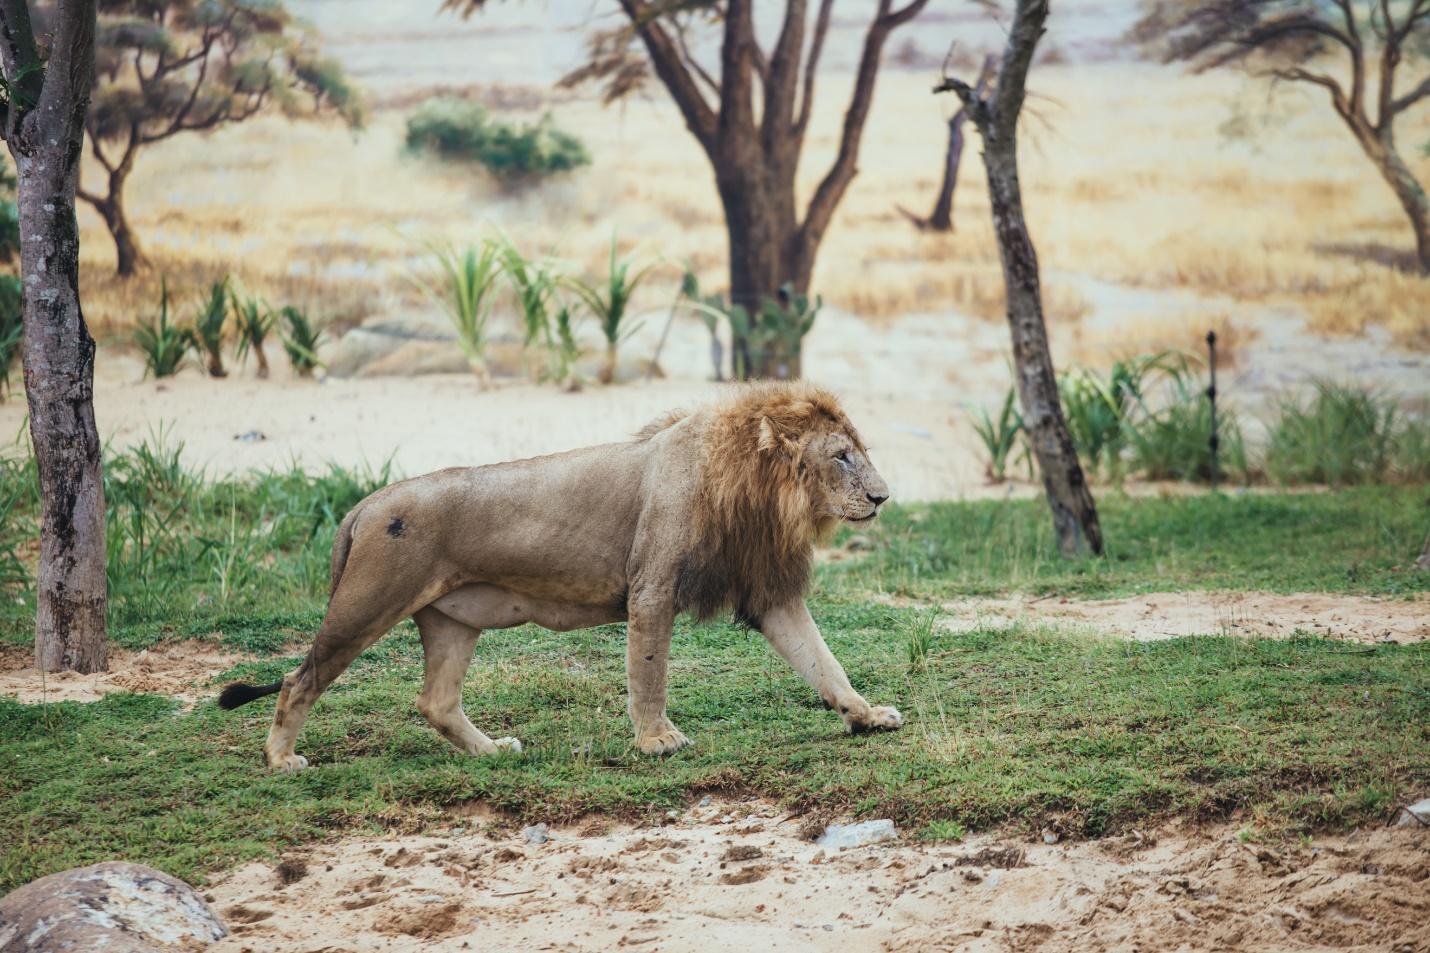 Một vòng khám phá River Safari - Công viên bảo tồn động vật hoang dã trên sông tại Hội An - Ảnh 2.